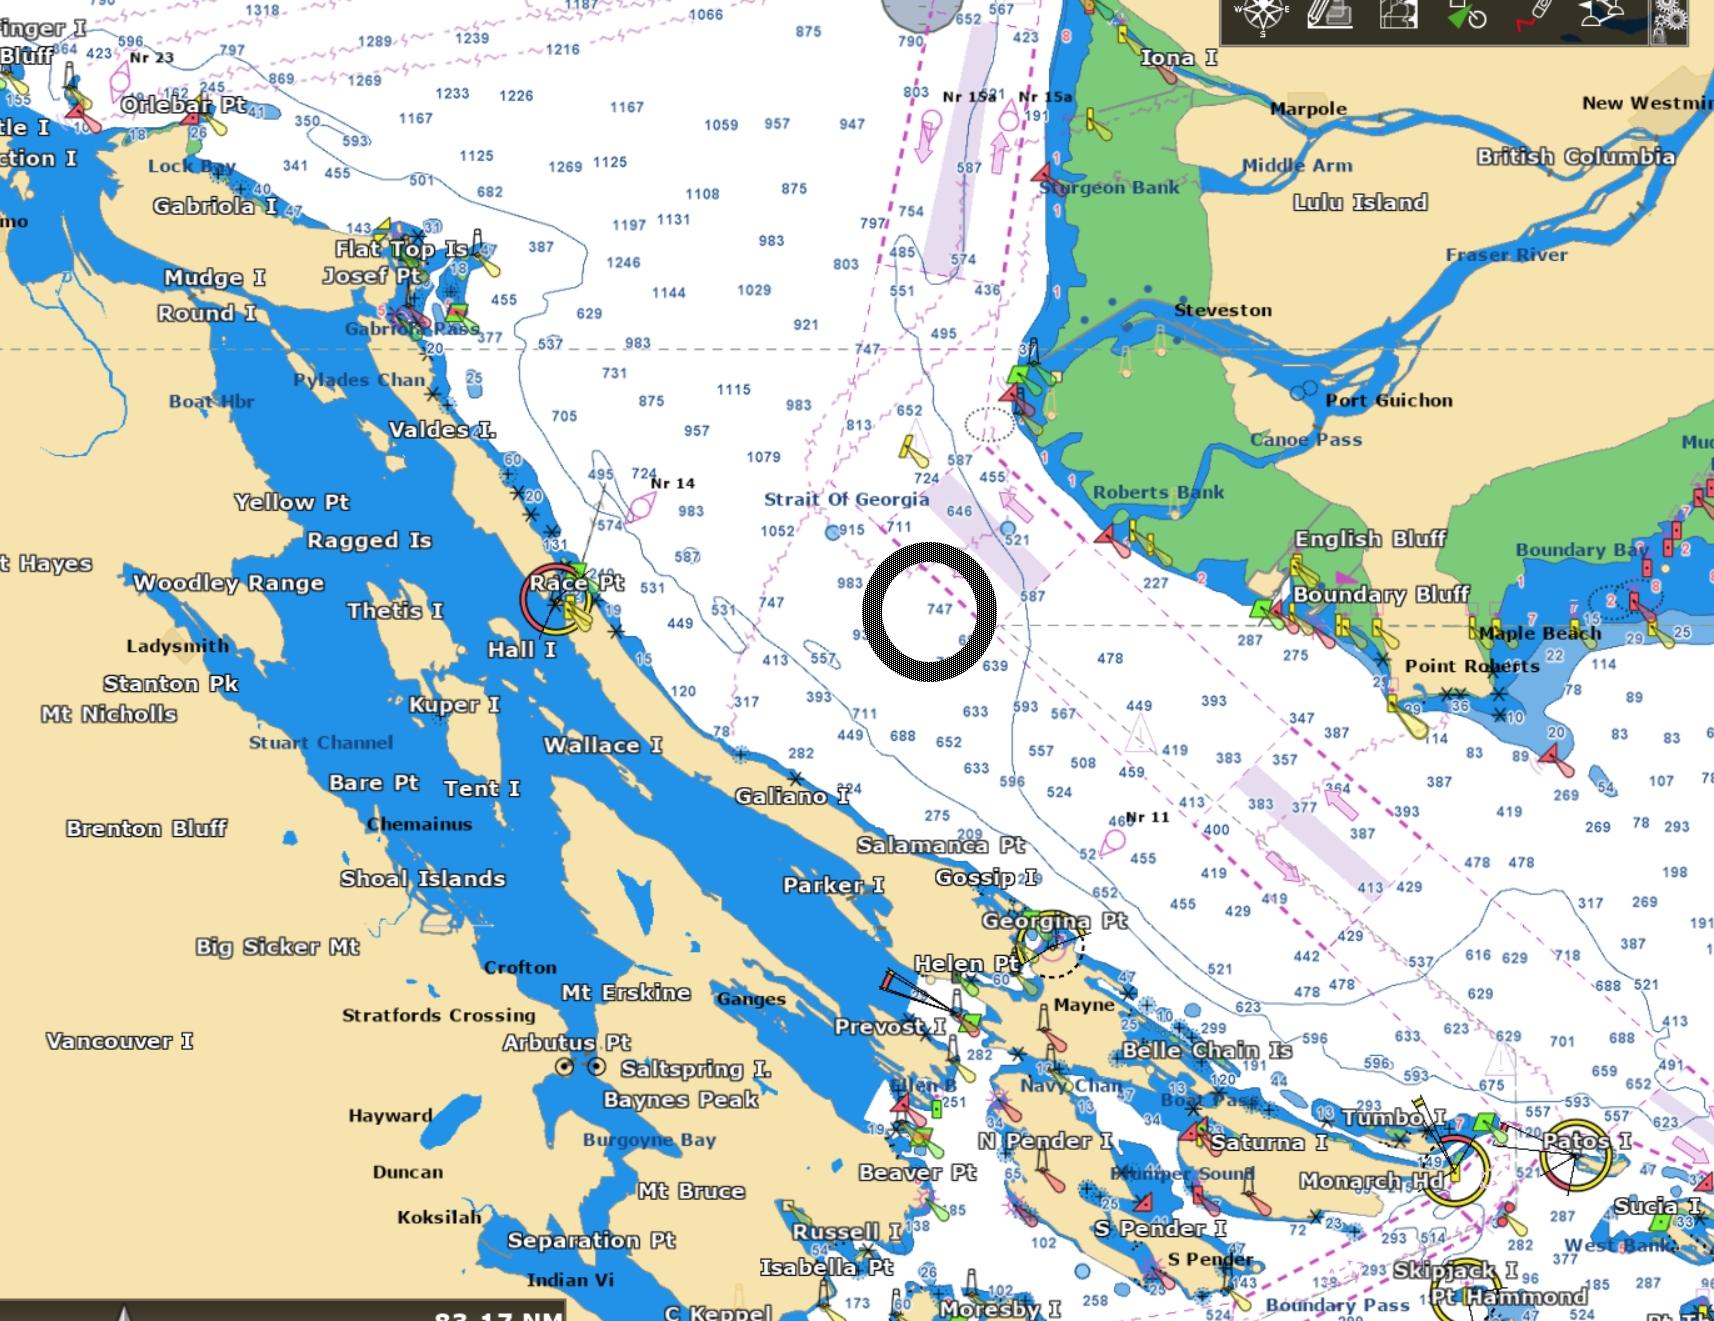 Strait of Georgia South - Forecast